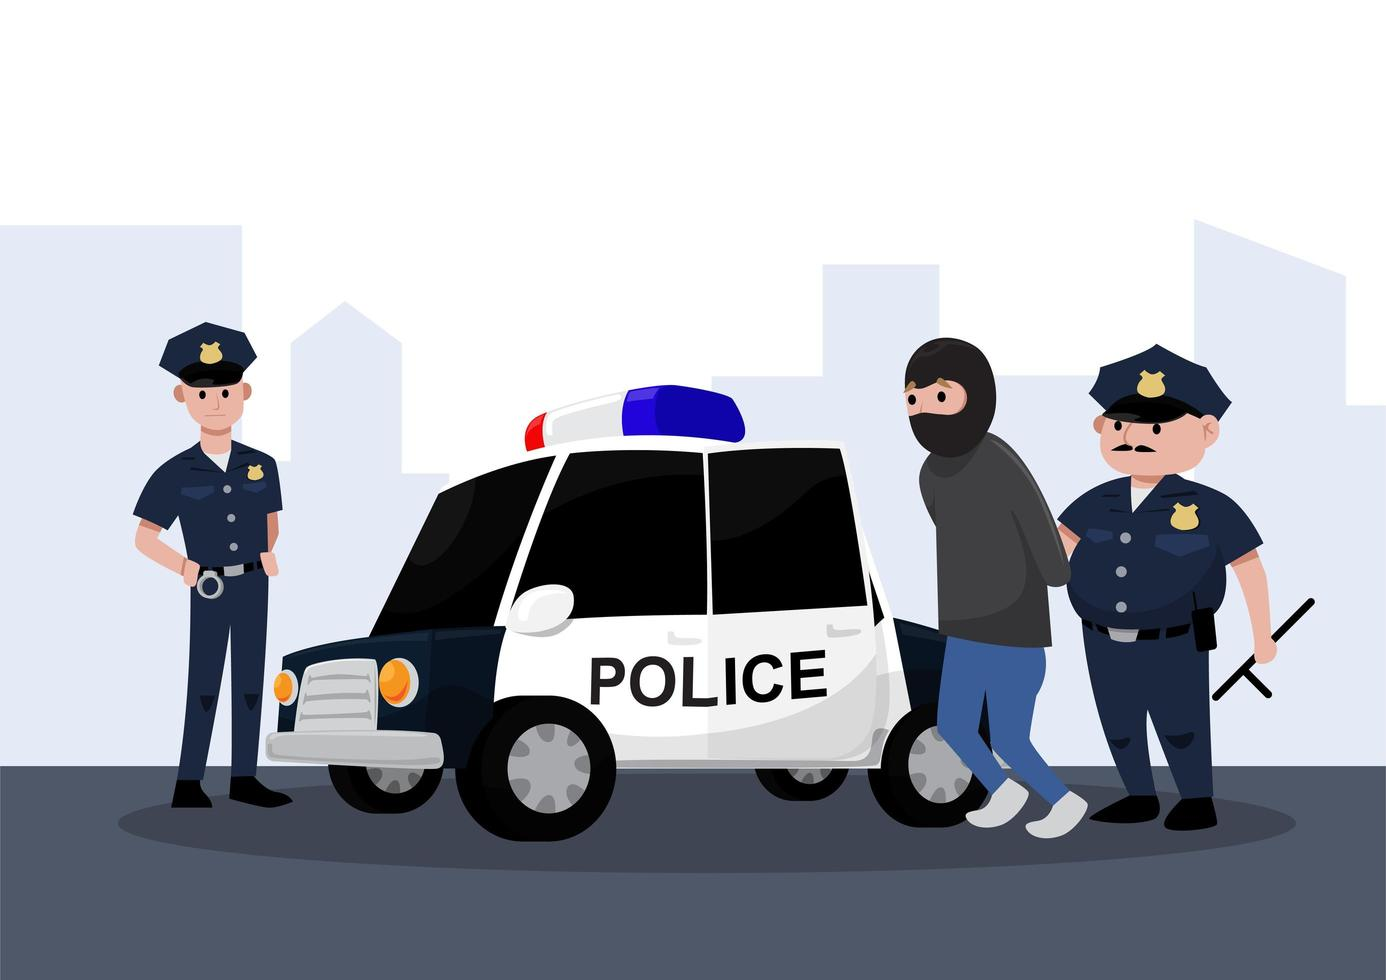 oficiales de policía arrestando a alguien vector